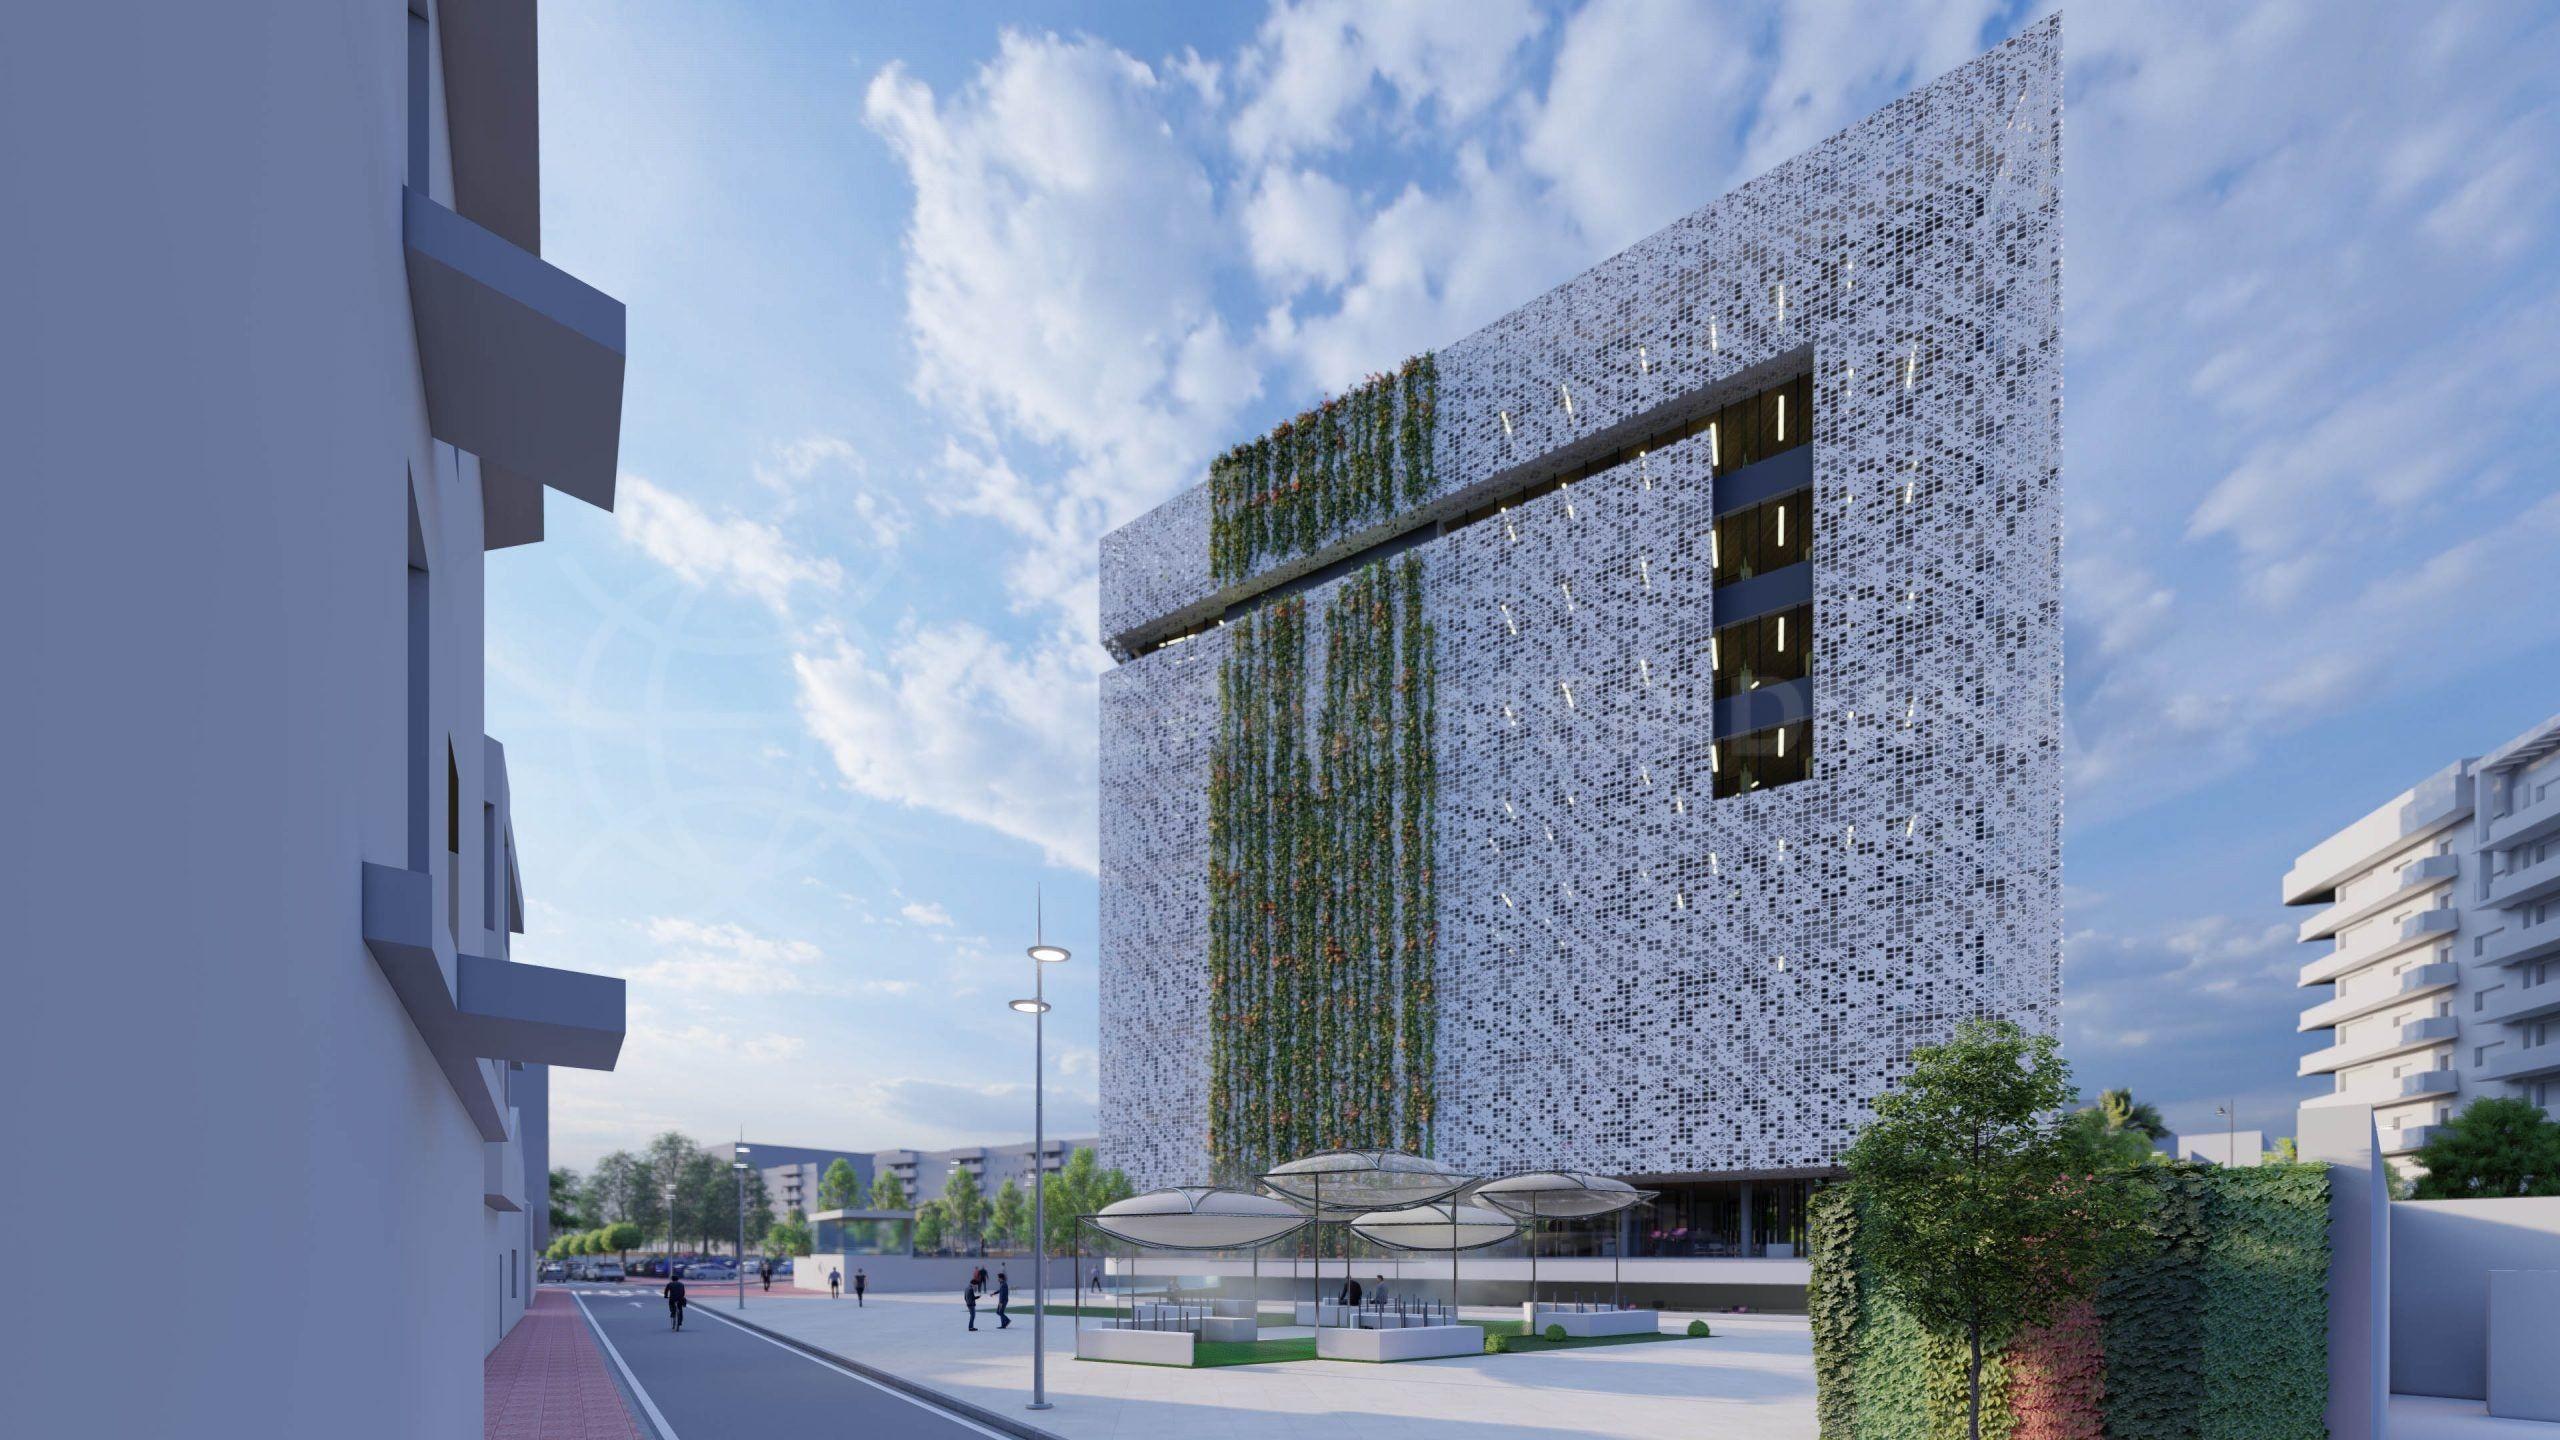 Estepona construit un nouvel hôtel de ville et des parkings souterrains